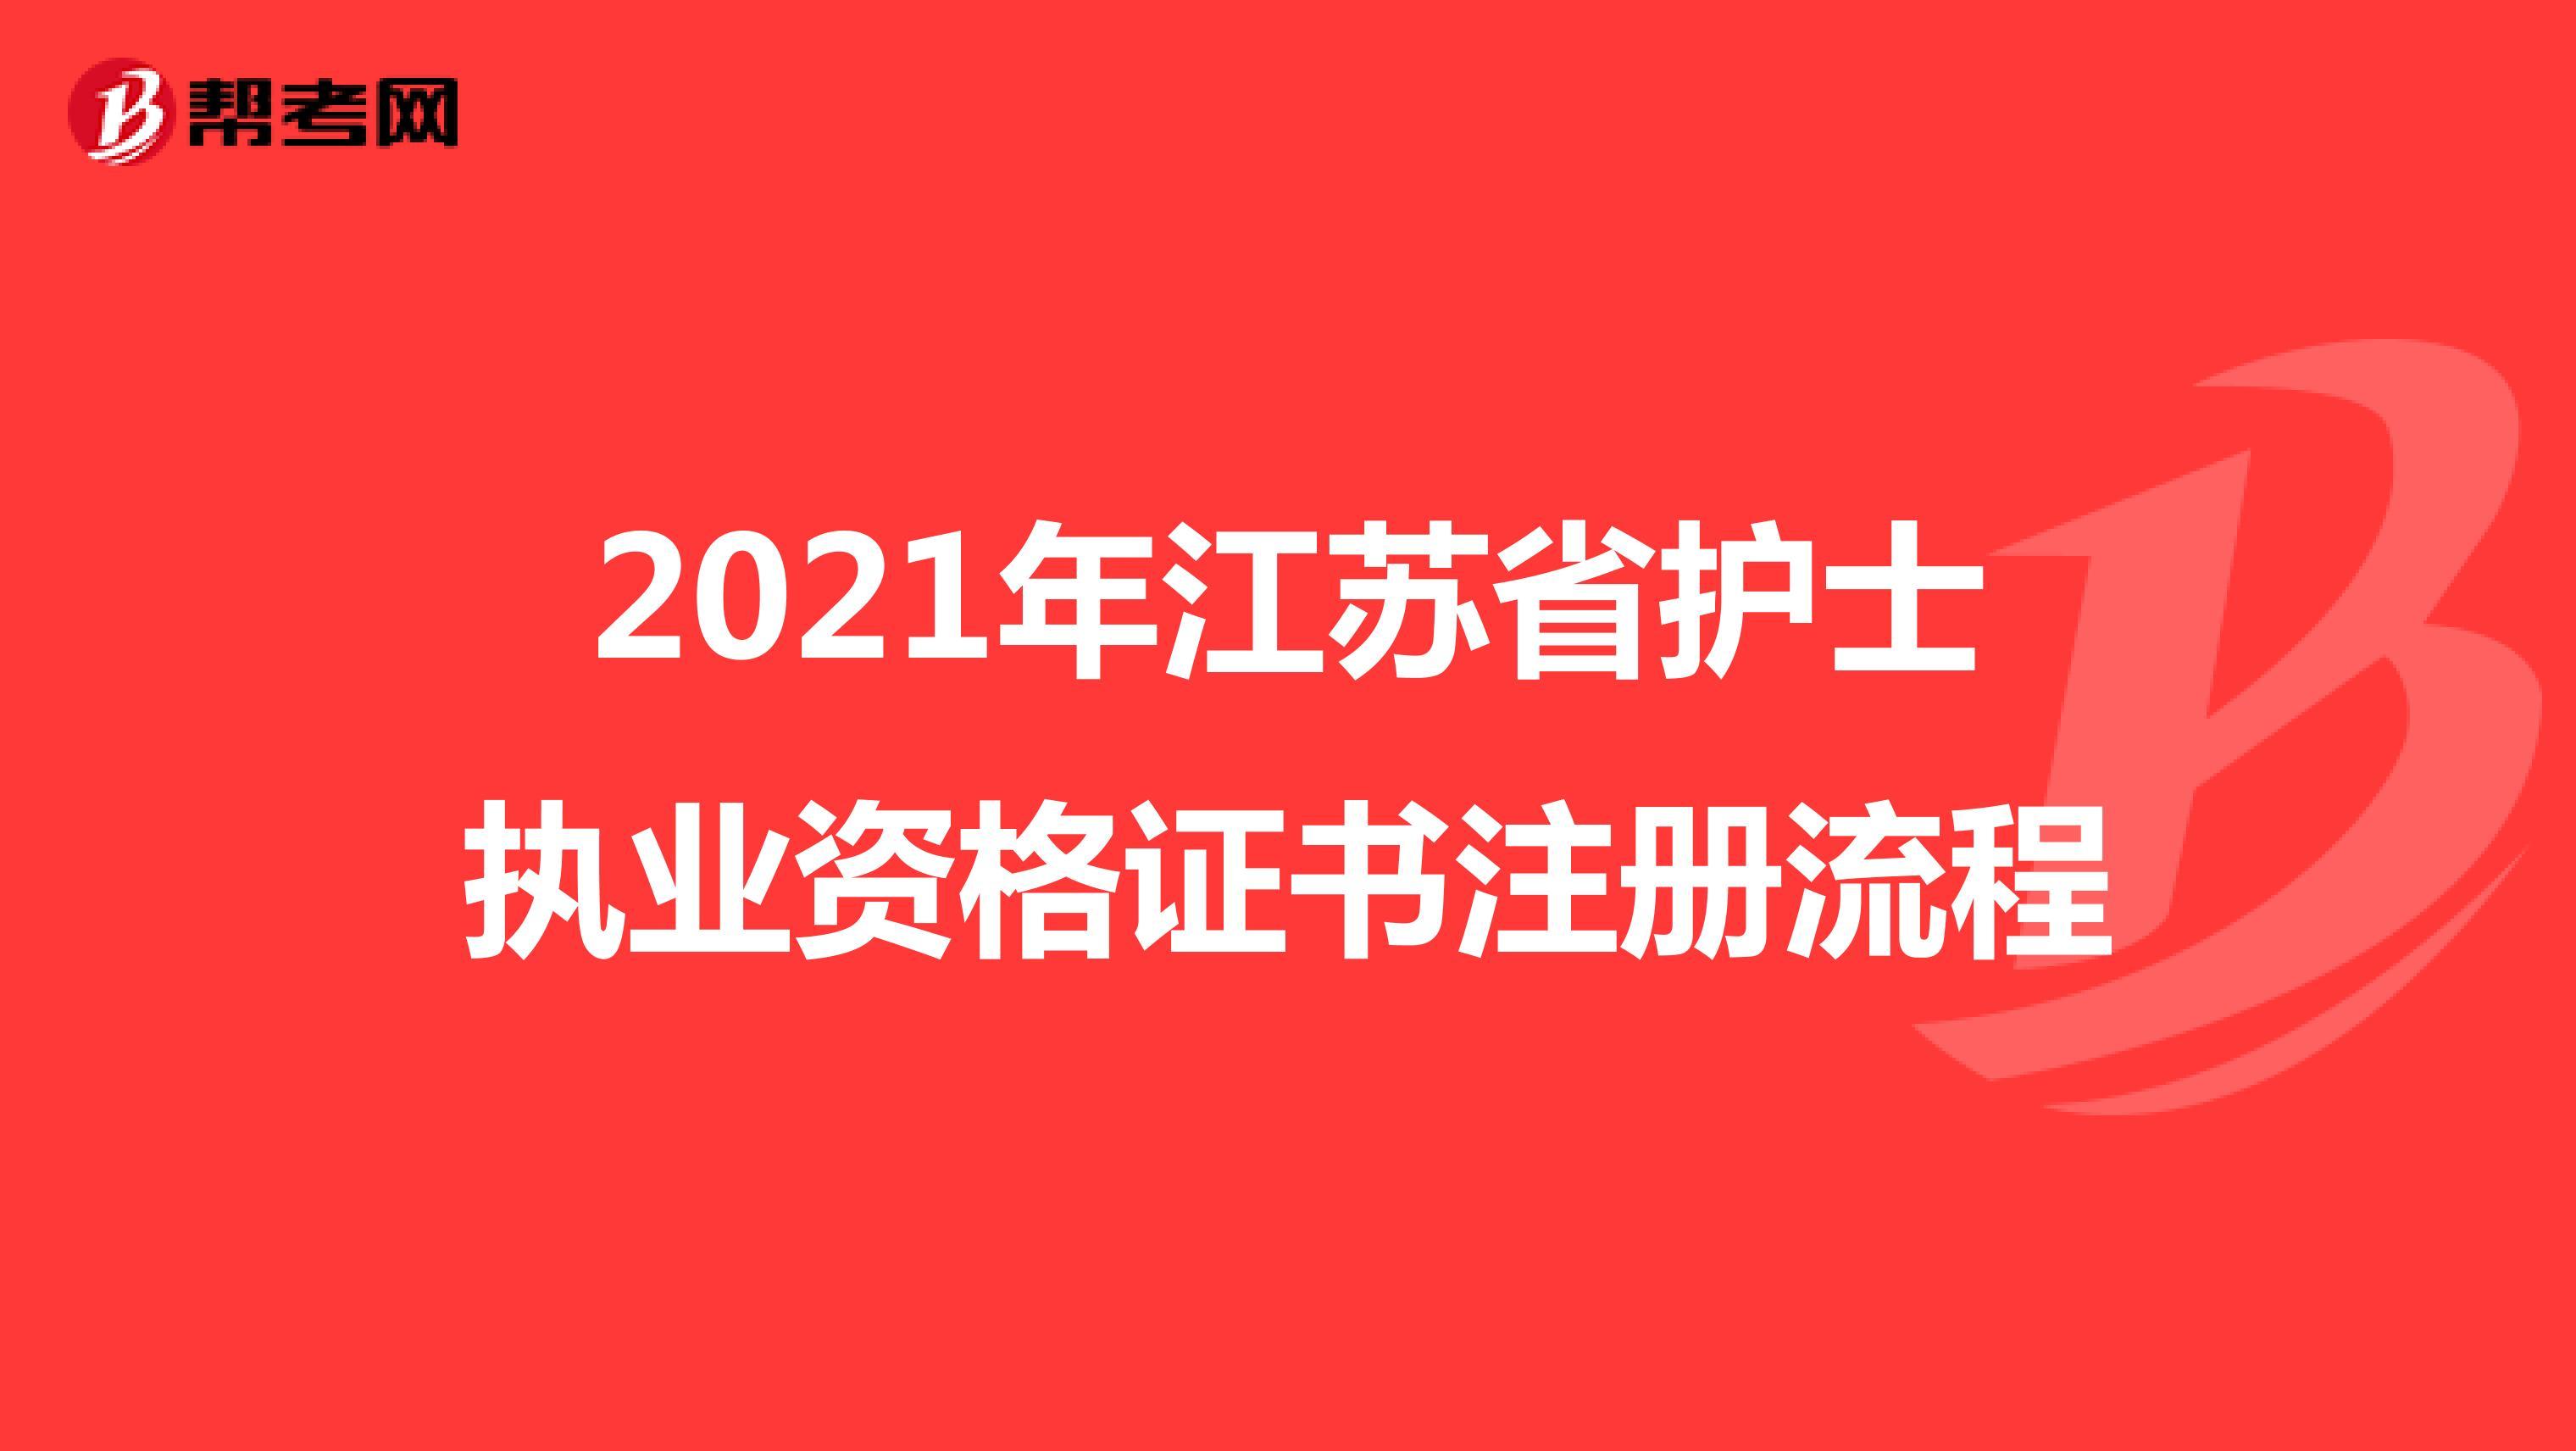 2021年江苏省护士执业资格证书注册流程